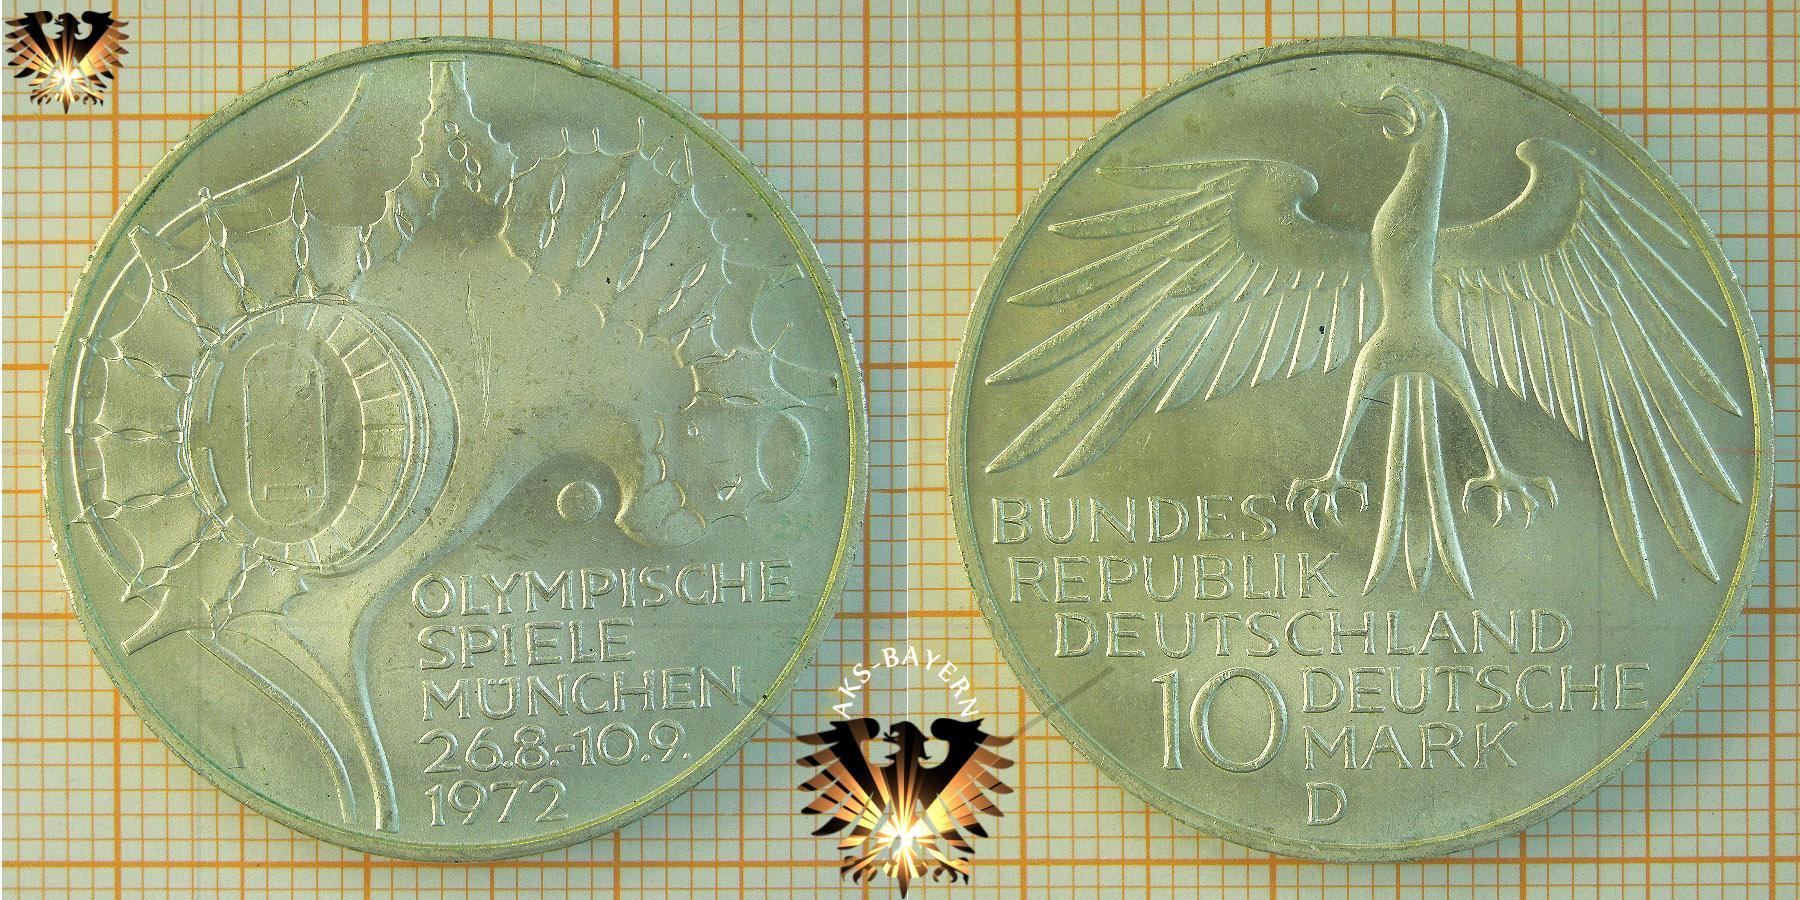 10 Dm Brd 1972 D Olympische Spiele München 268 1091972